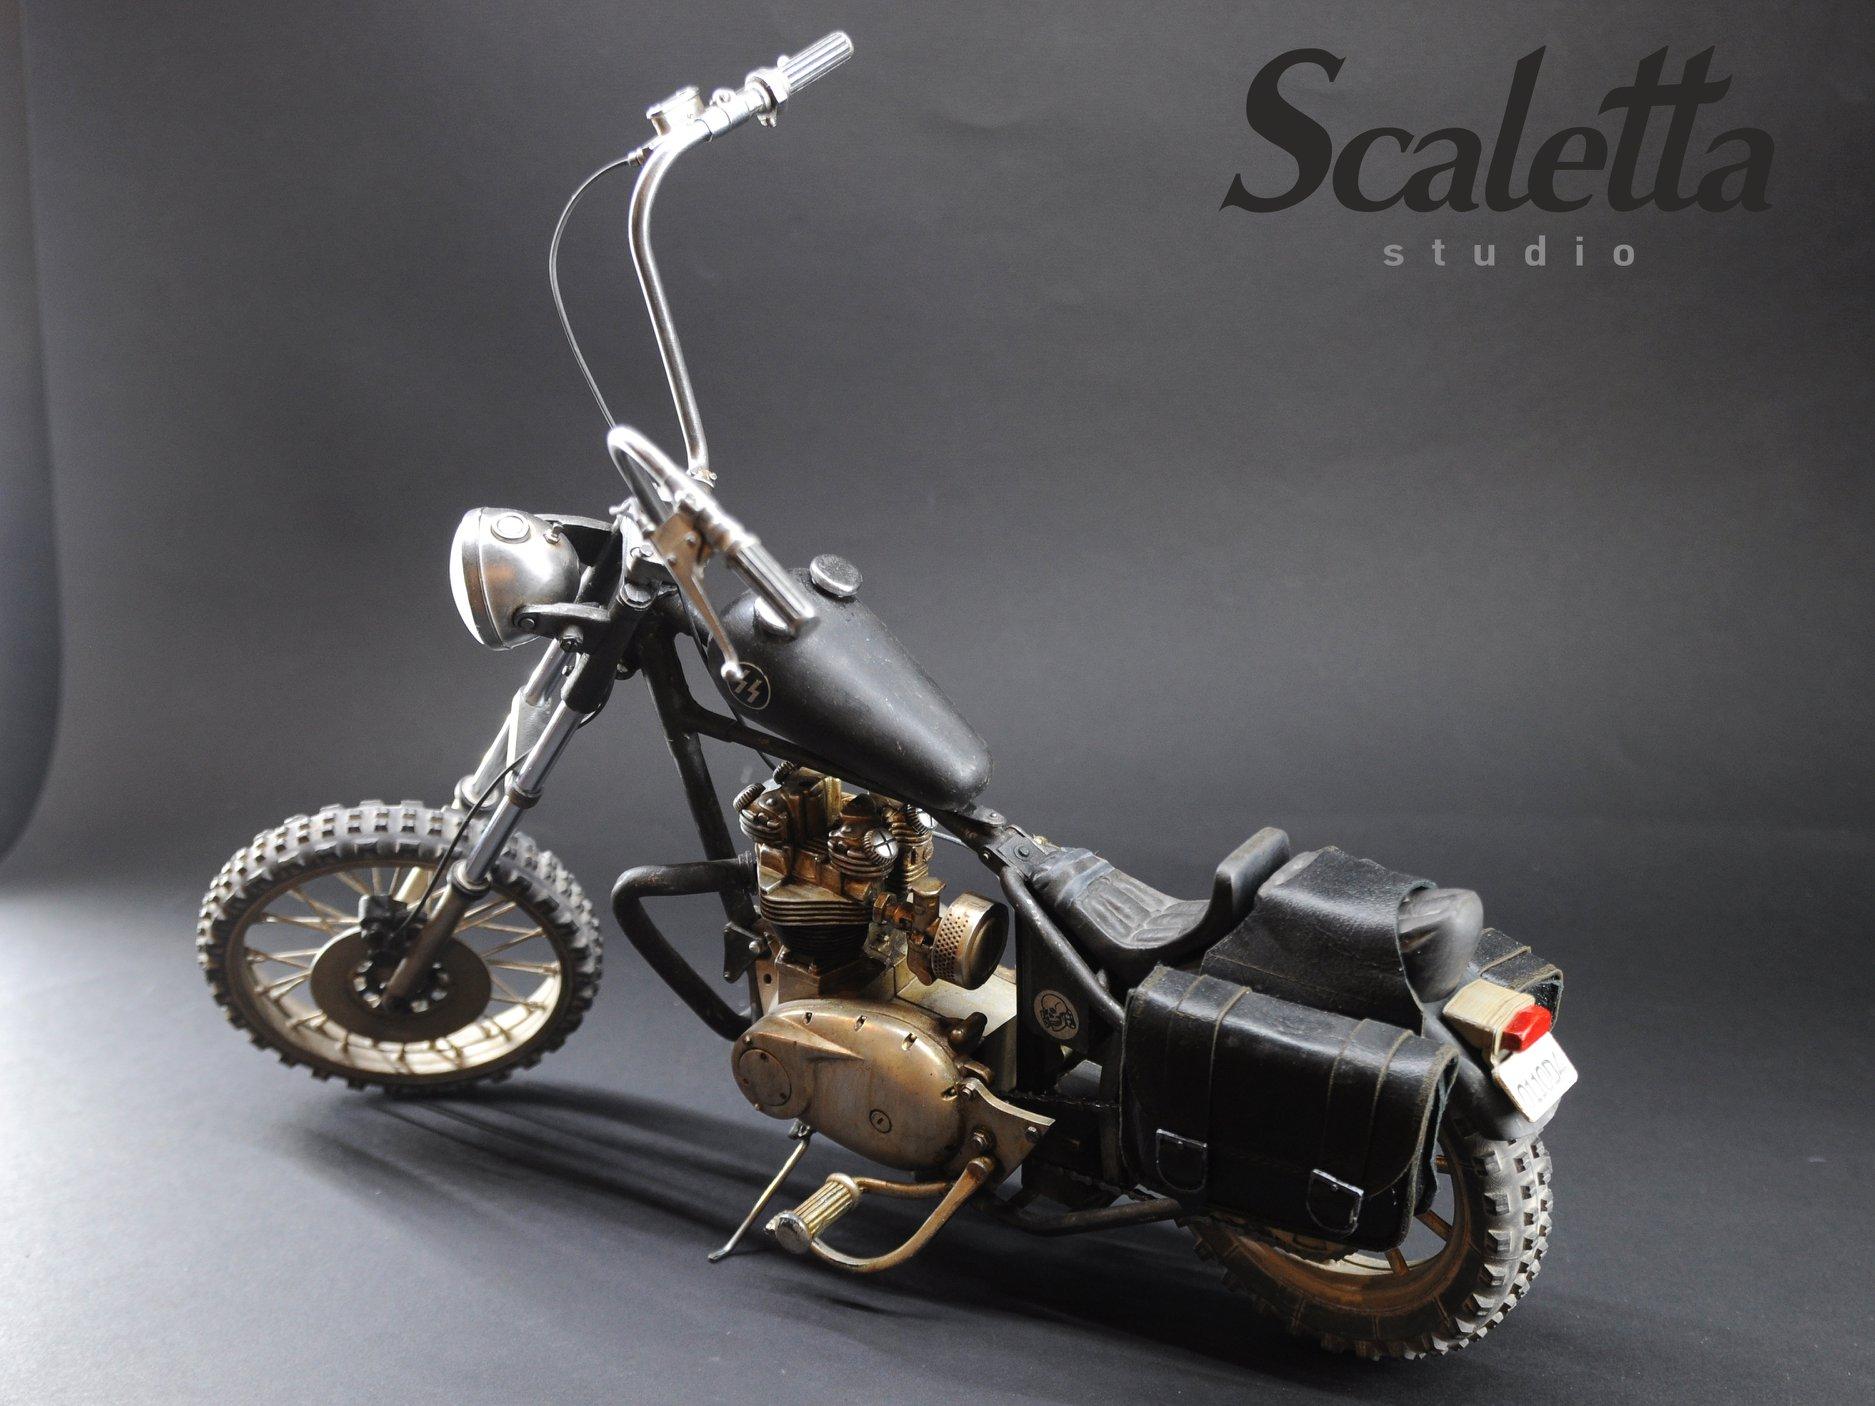 sca-bike05